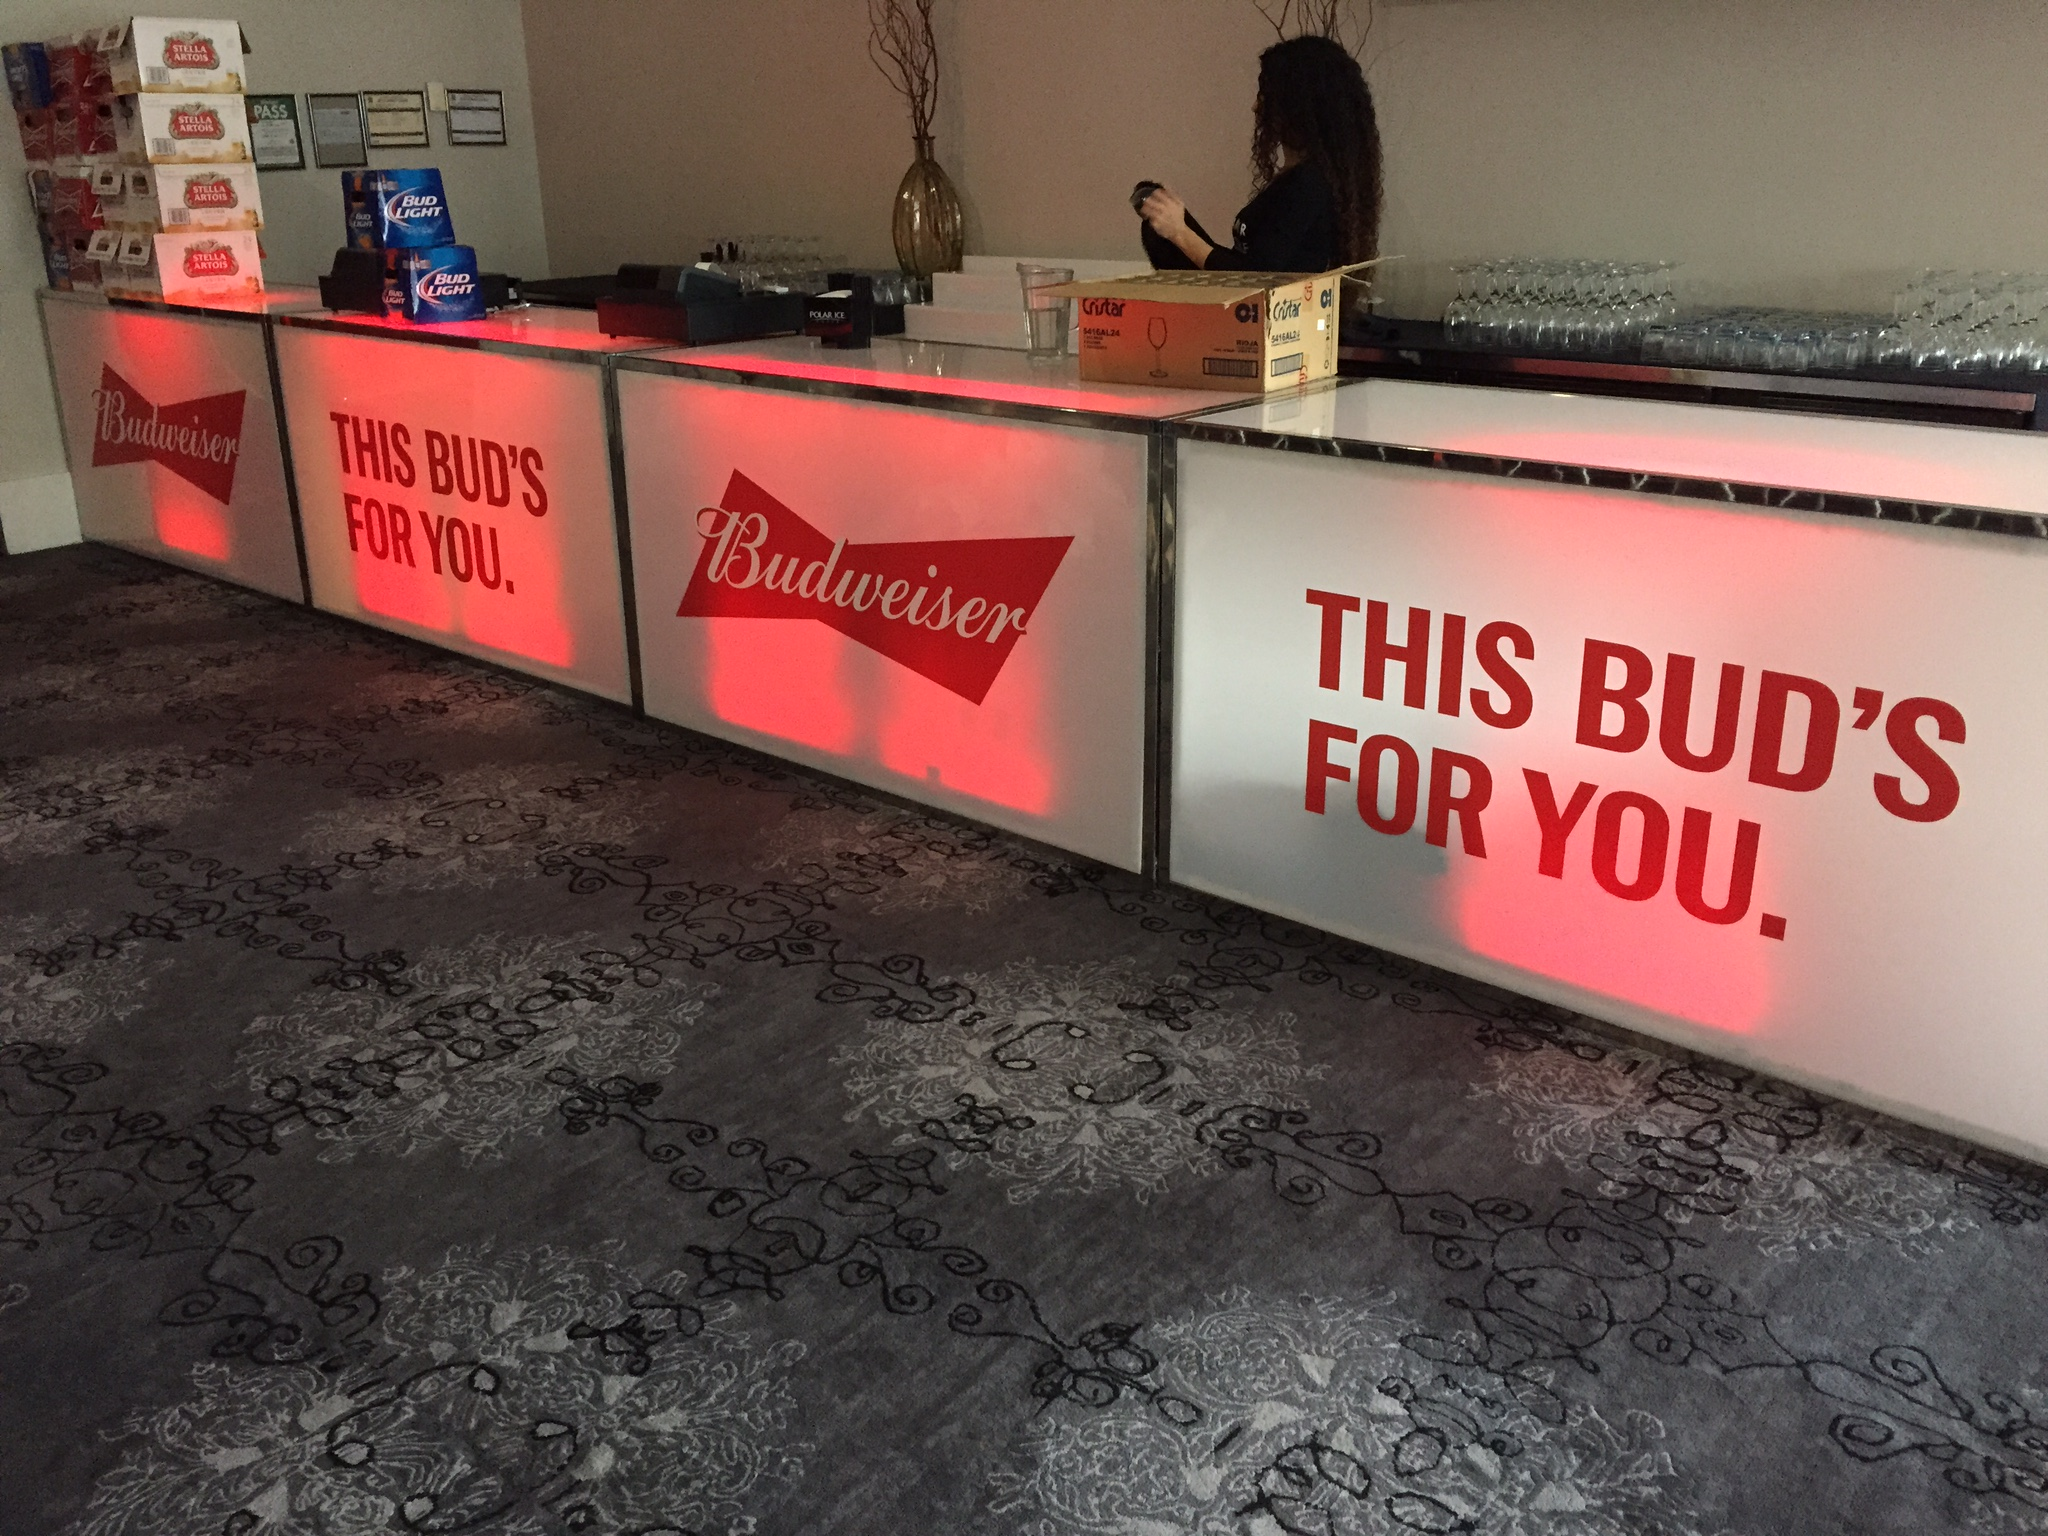 Vinyl-cut bar decals - Budweiser